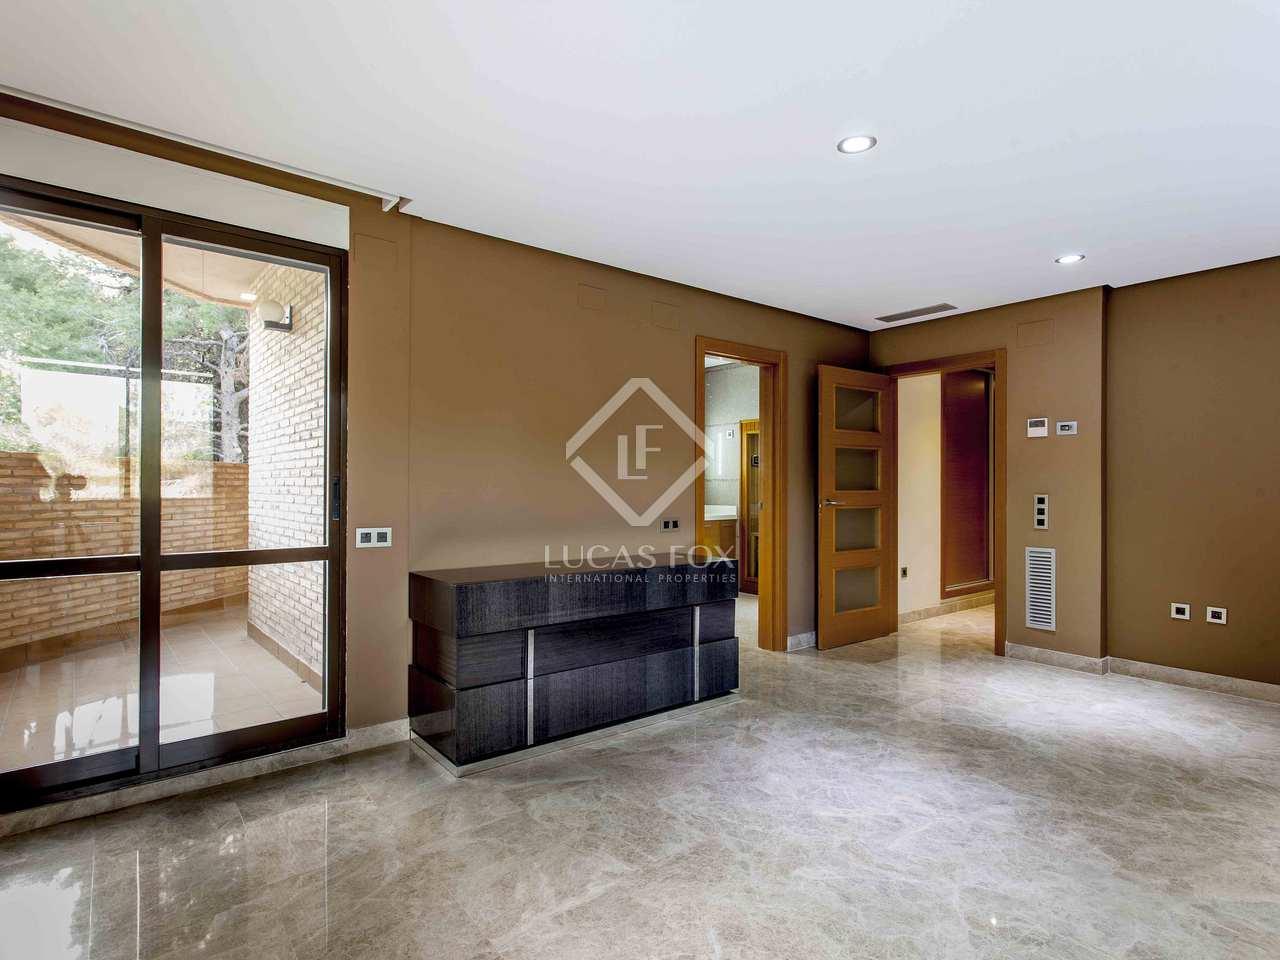 Villa de 6 dormitorios en alquiler en la eliana valencia for Alquiler de dormitorios